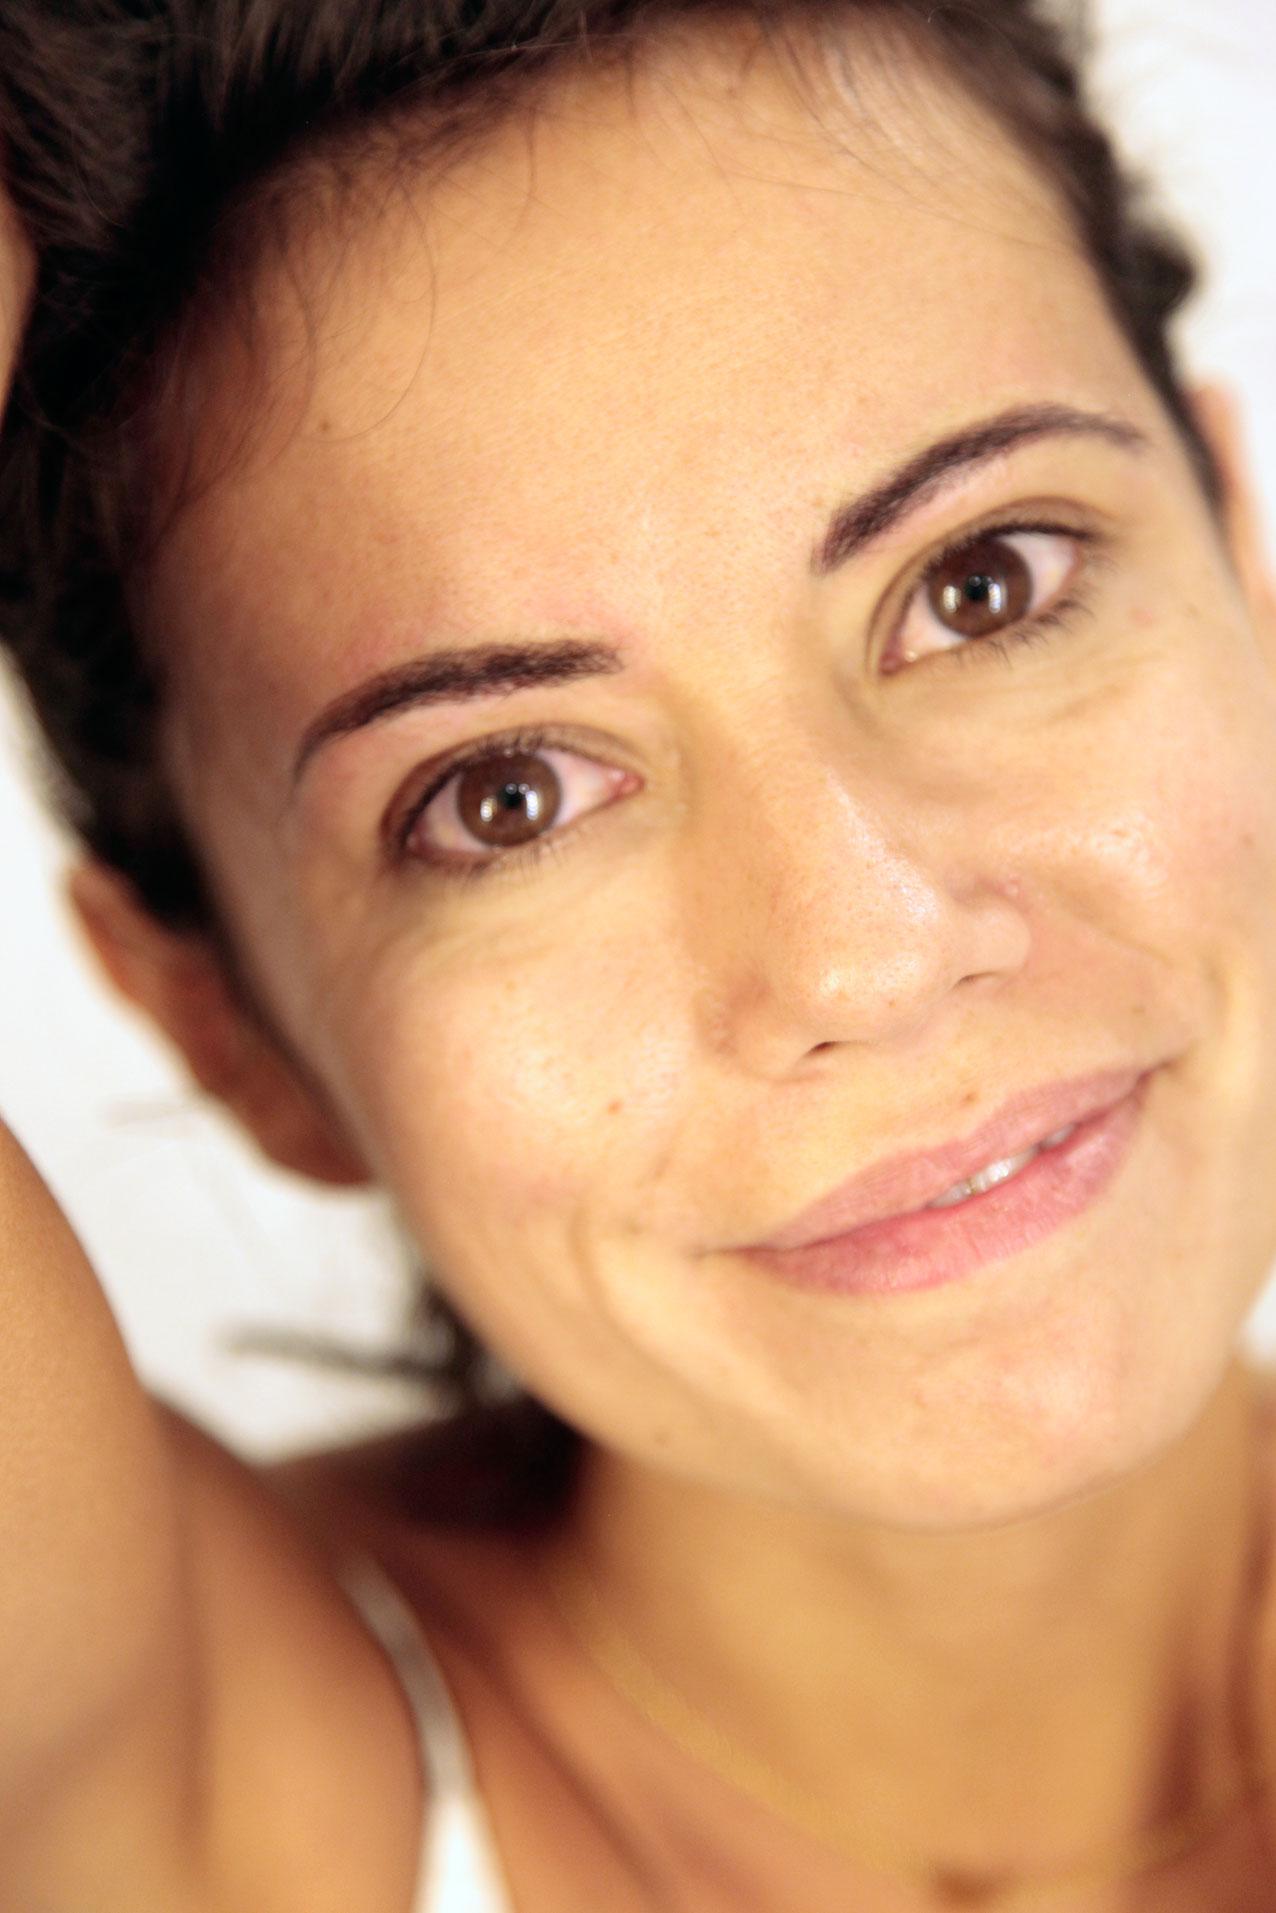 tratamiento-micropigmentacion_cejas-angela_navarro-belleza7